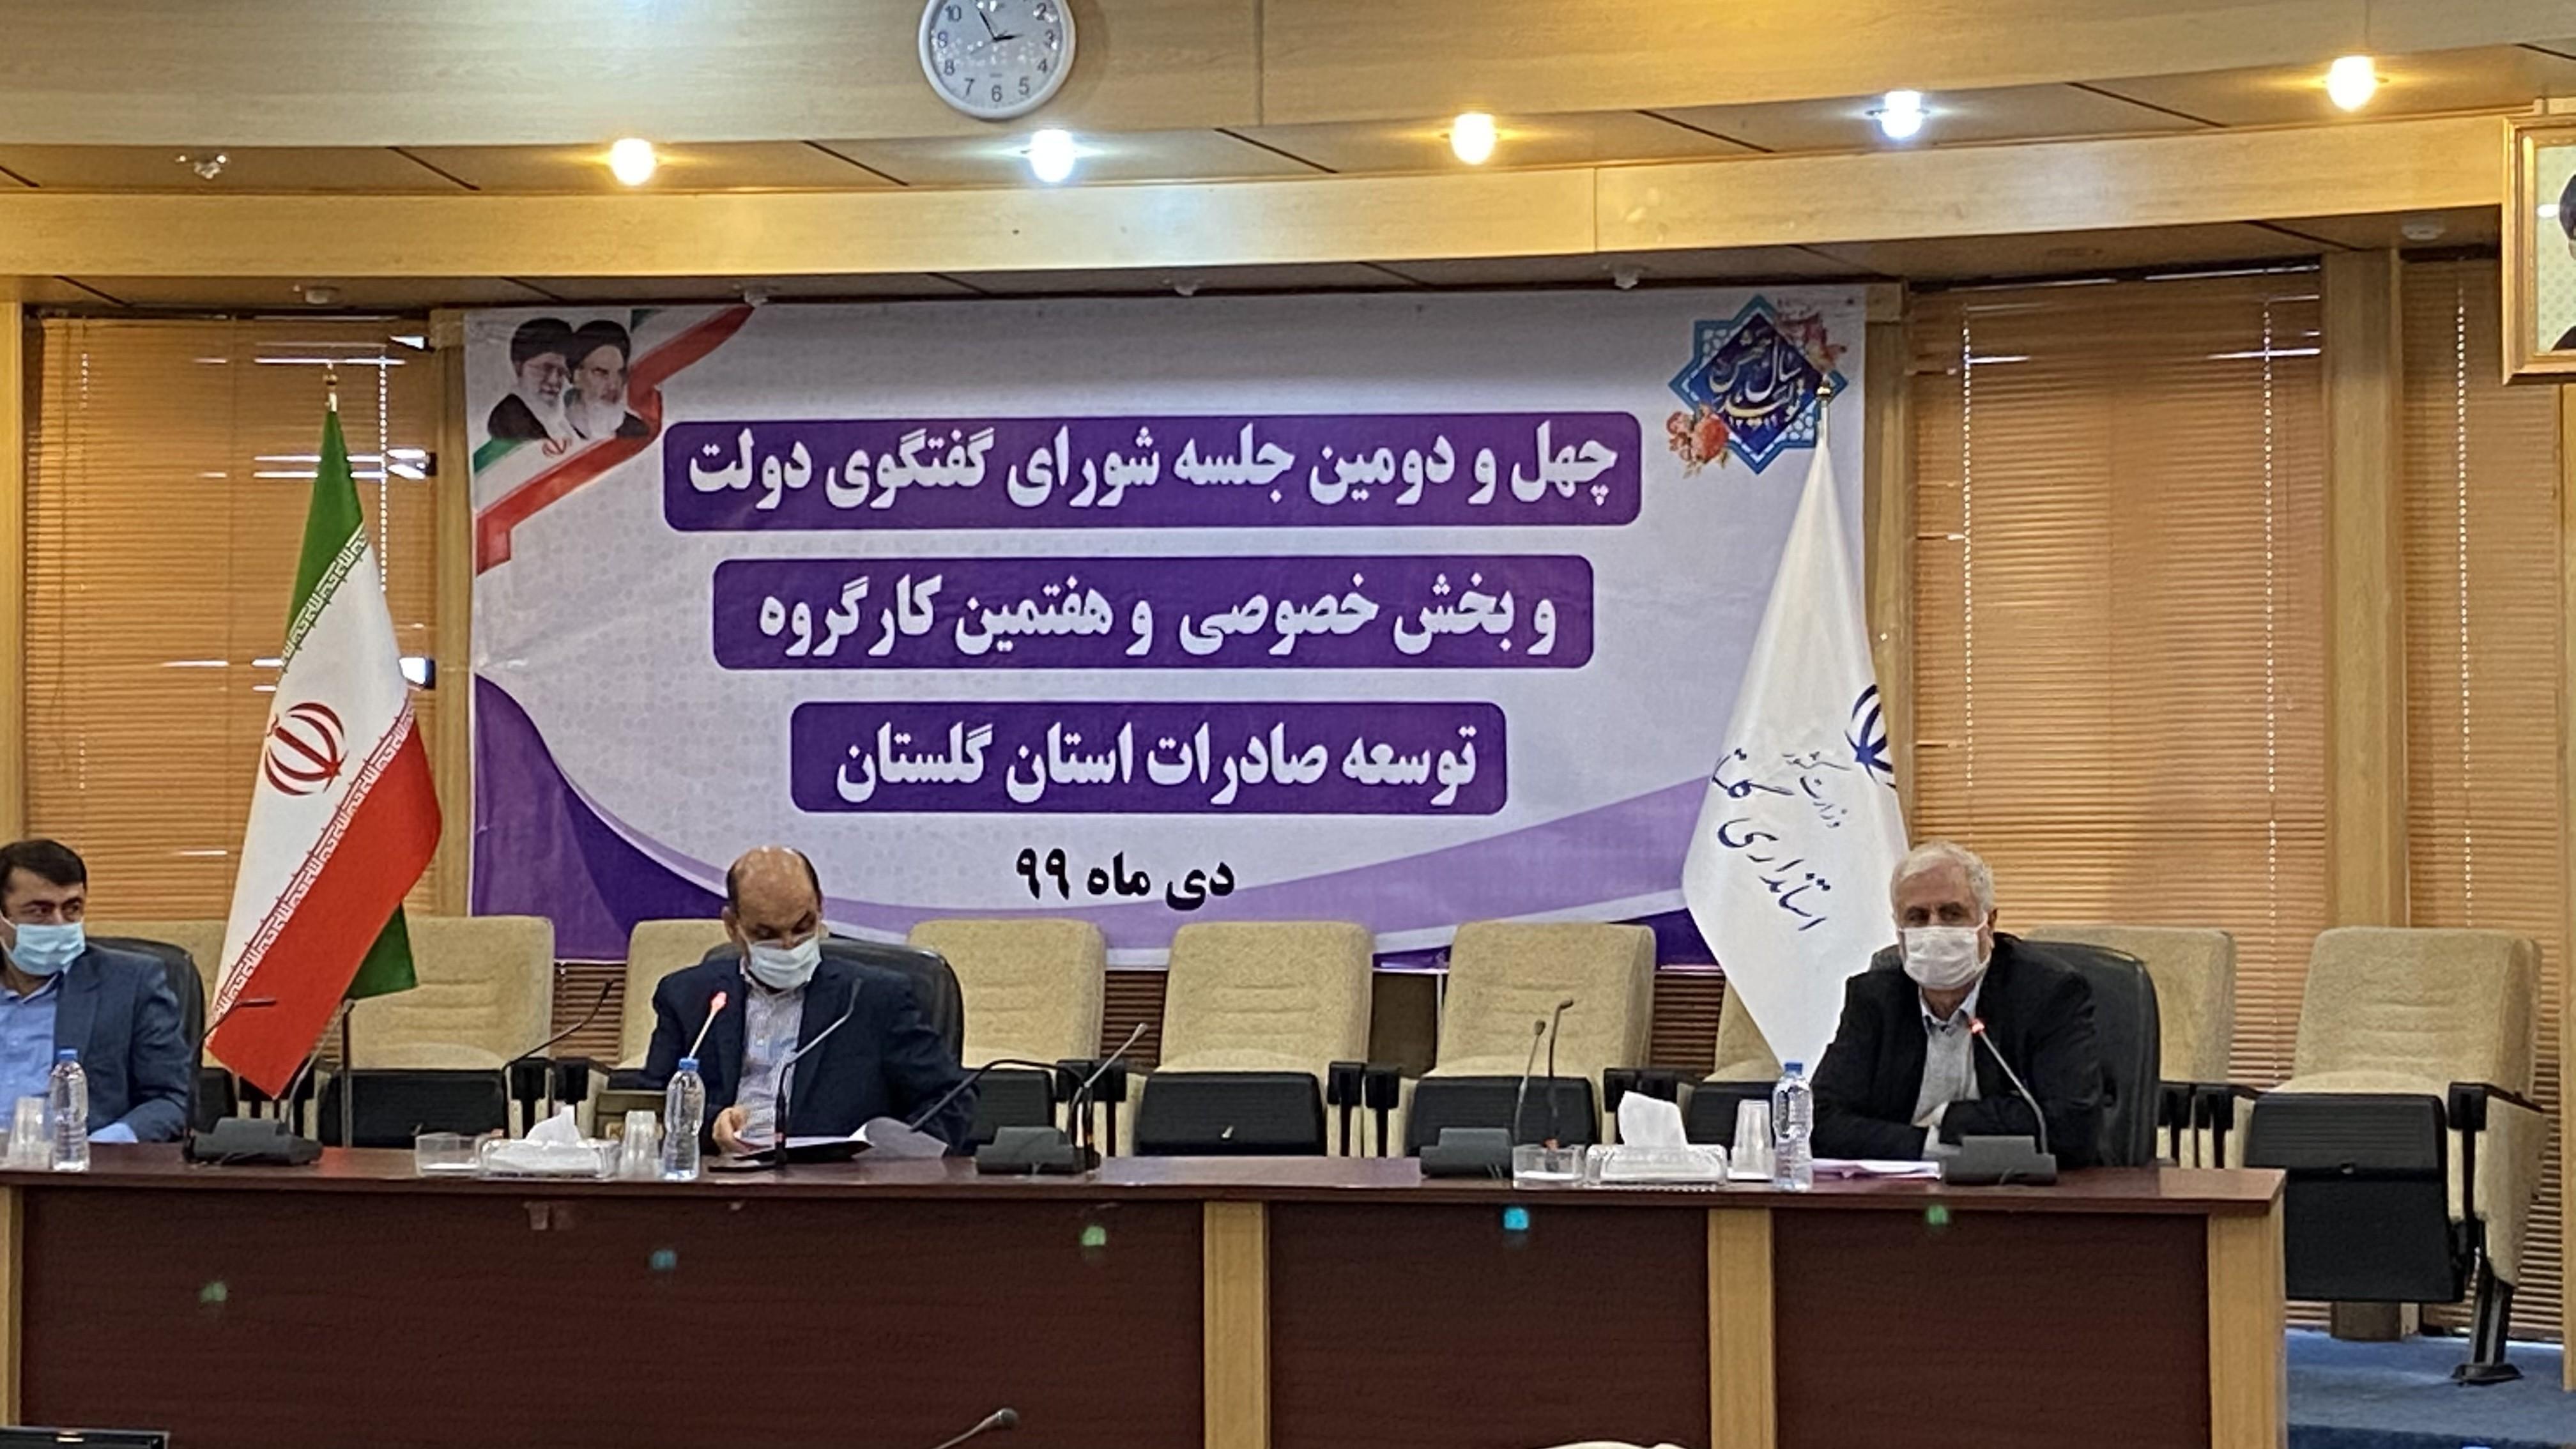 مصوبات چهل و دومین جلسه شورای گفتگوی دولت و بخش خصوصی استان گلستان